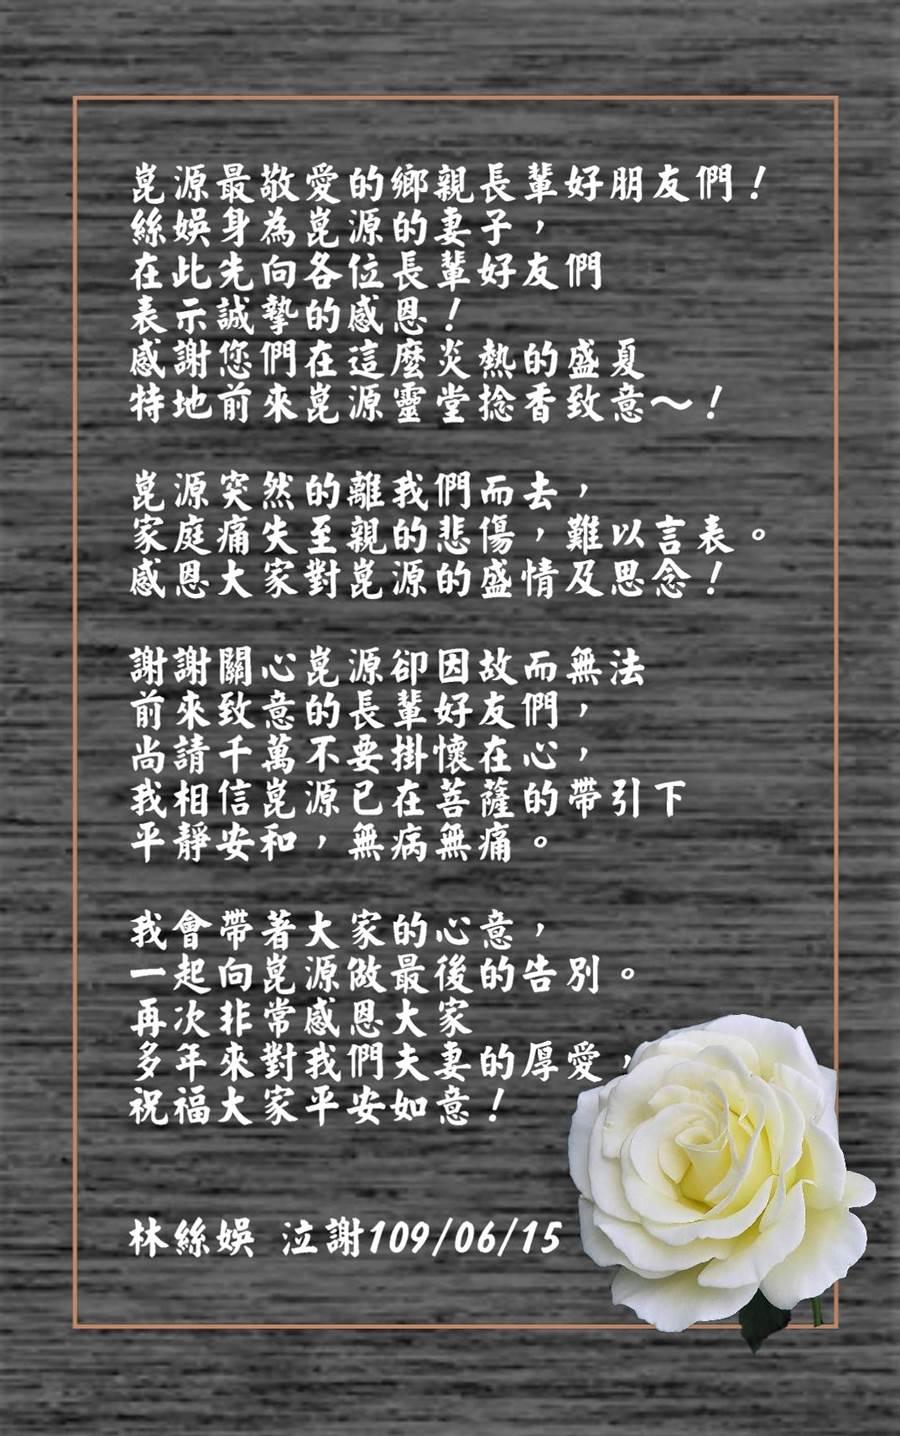 許崑源妻林絲娛,在臉書感謝鄉親到靈堂捻香。(取自臉書)